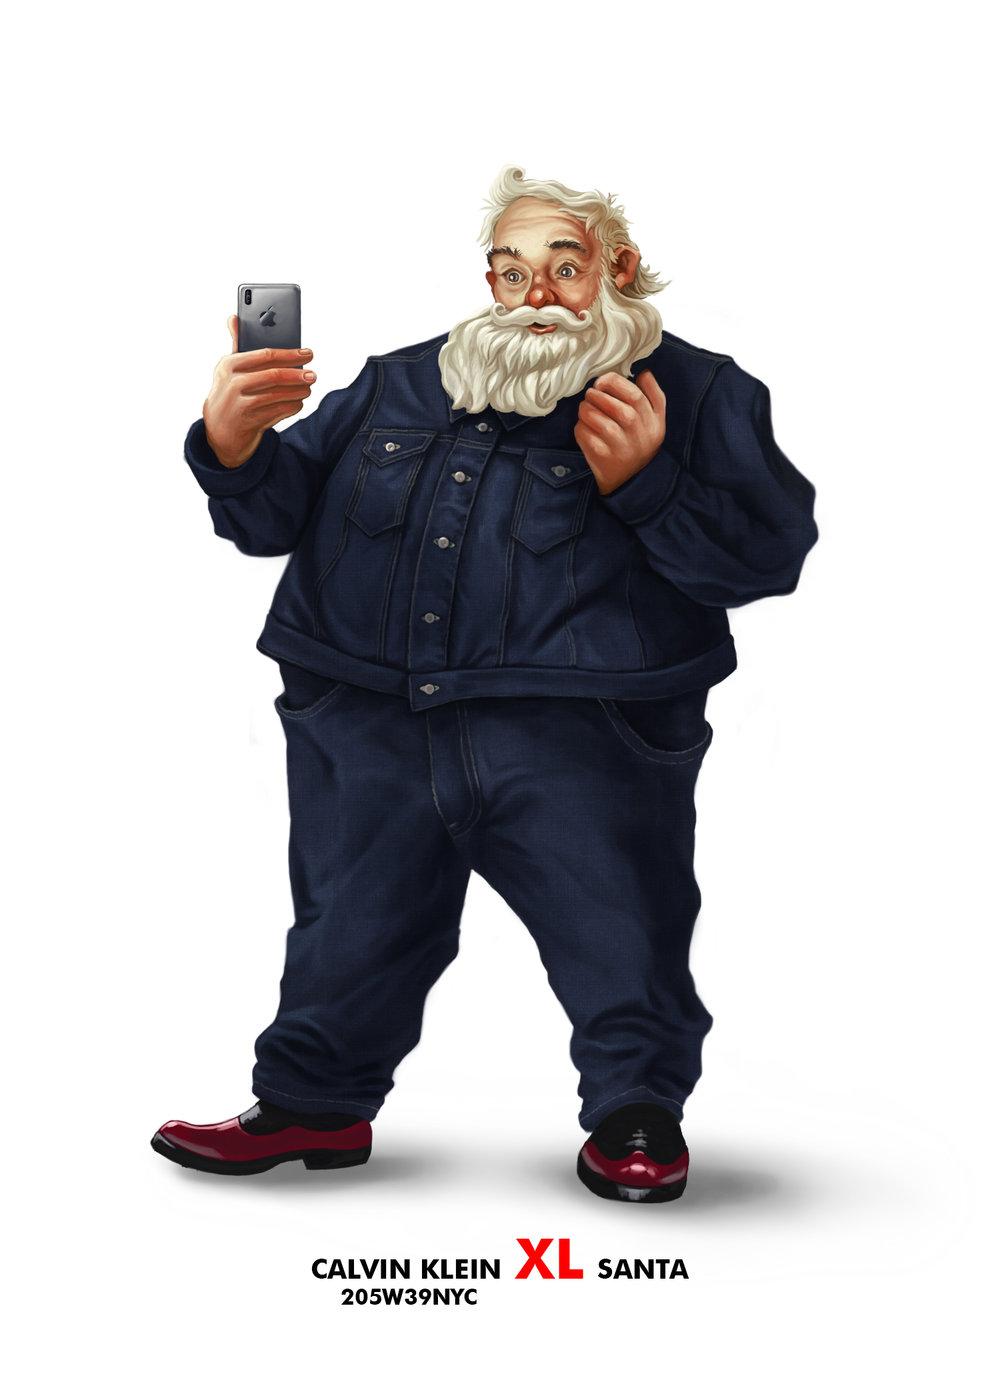 Calvin Klein XL Santa.jpg